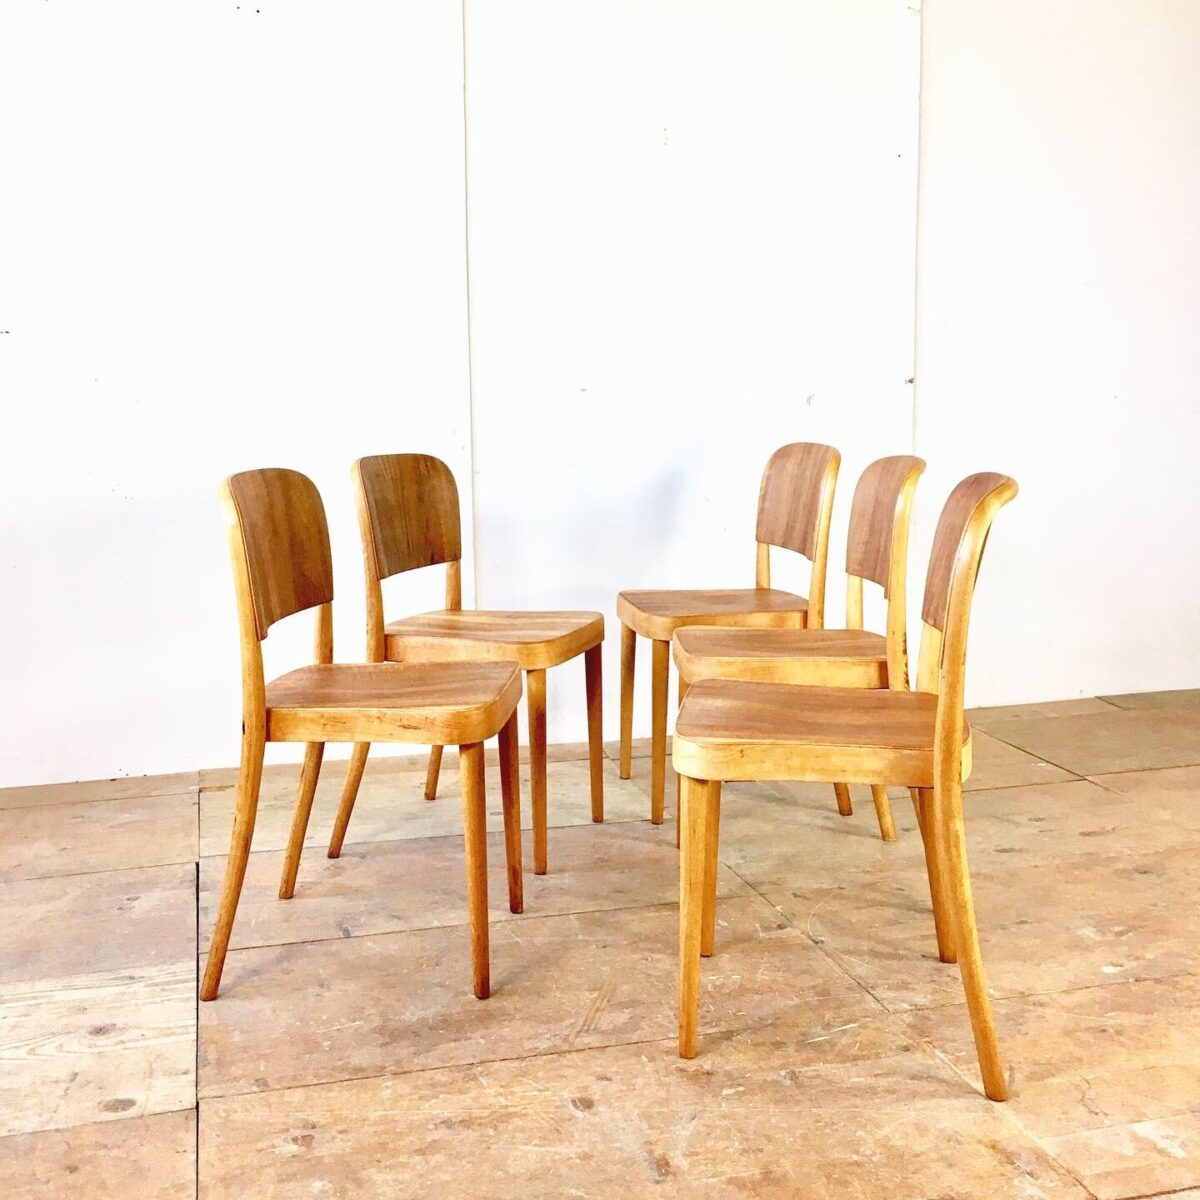 Horgenglarus Stühle von Max Ernst Haefeli. Beizenstühle, Holzstühle, stapelstühle, preis pro Stuhl. Buchenholz bugholz Beine. Lehne und Sitzfläche Nussbaum Sperrholz. Sehr Ergonomisch, stabiler Zustand. Warme honiggelbe Ausstrahlung in Kombination mit den etwas dunkleren Nussbaum Sperrholz Flächen. Holz mit naturöl behandelt. Ca. 30 gleiche mit Birken Sperrholz sind auch noch vorhanden.